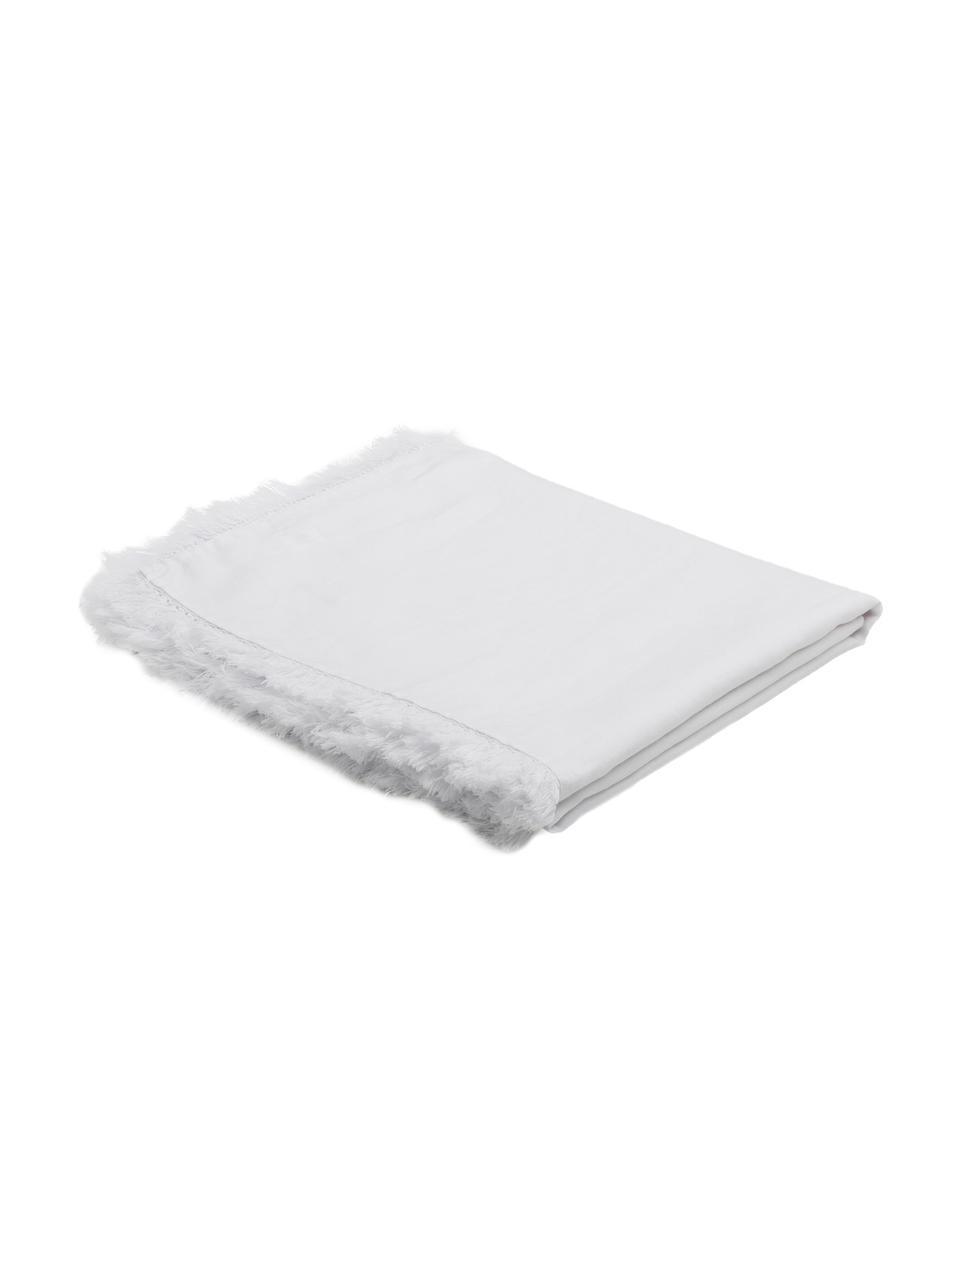 Tovaglia in lino Lucka, Lino, Bianco, Per 6-8 persone (Larg. 150 x Lung. 200 cm)